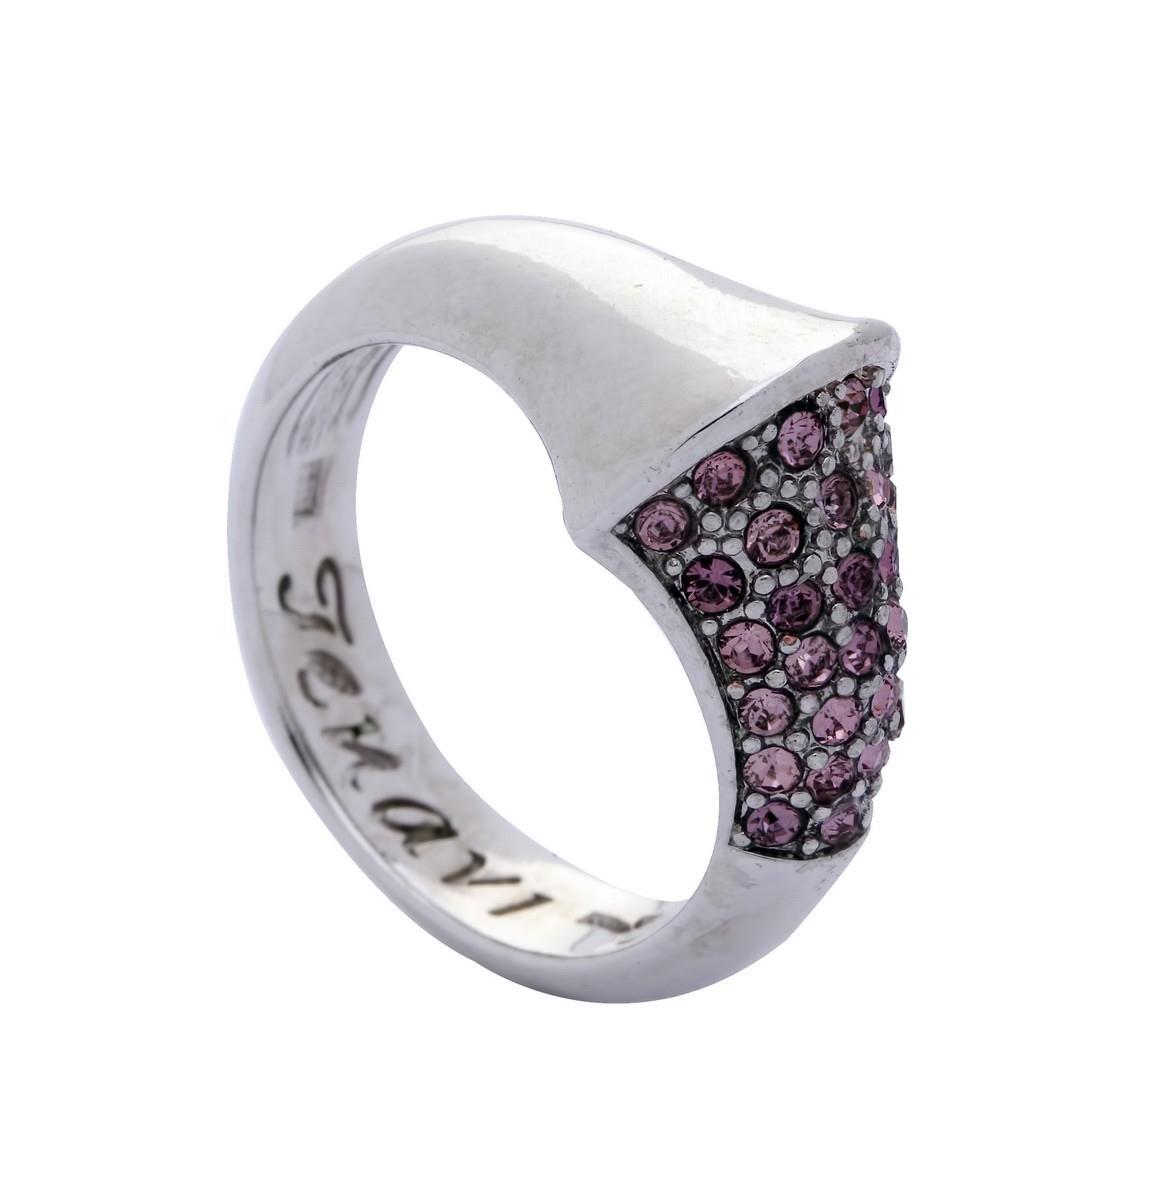 Кольцо Jenavi Коллекция Озон Танака, цвет: серебряный, розовый. j950f010. Размер 17j950f010Коллекция Озон, Танака (Кольцо) гипоаллергенный ювелирный сплав,Серебрение c род. , вставка Кристаллы Swarovski , цвет - серебряный, розовый, размер - 17 избегать взаимодействия с водой и химическими средствами